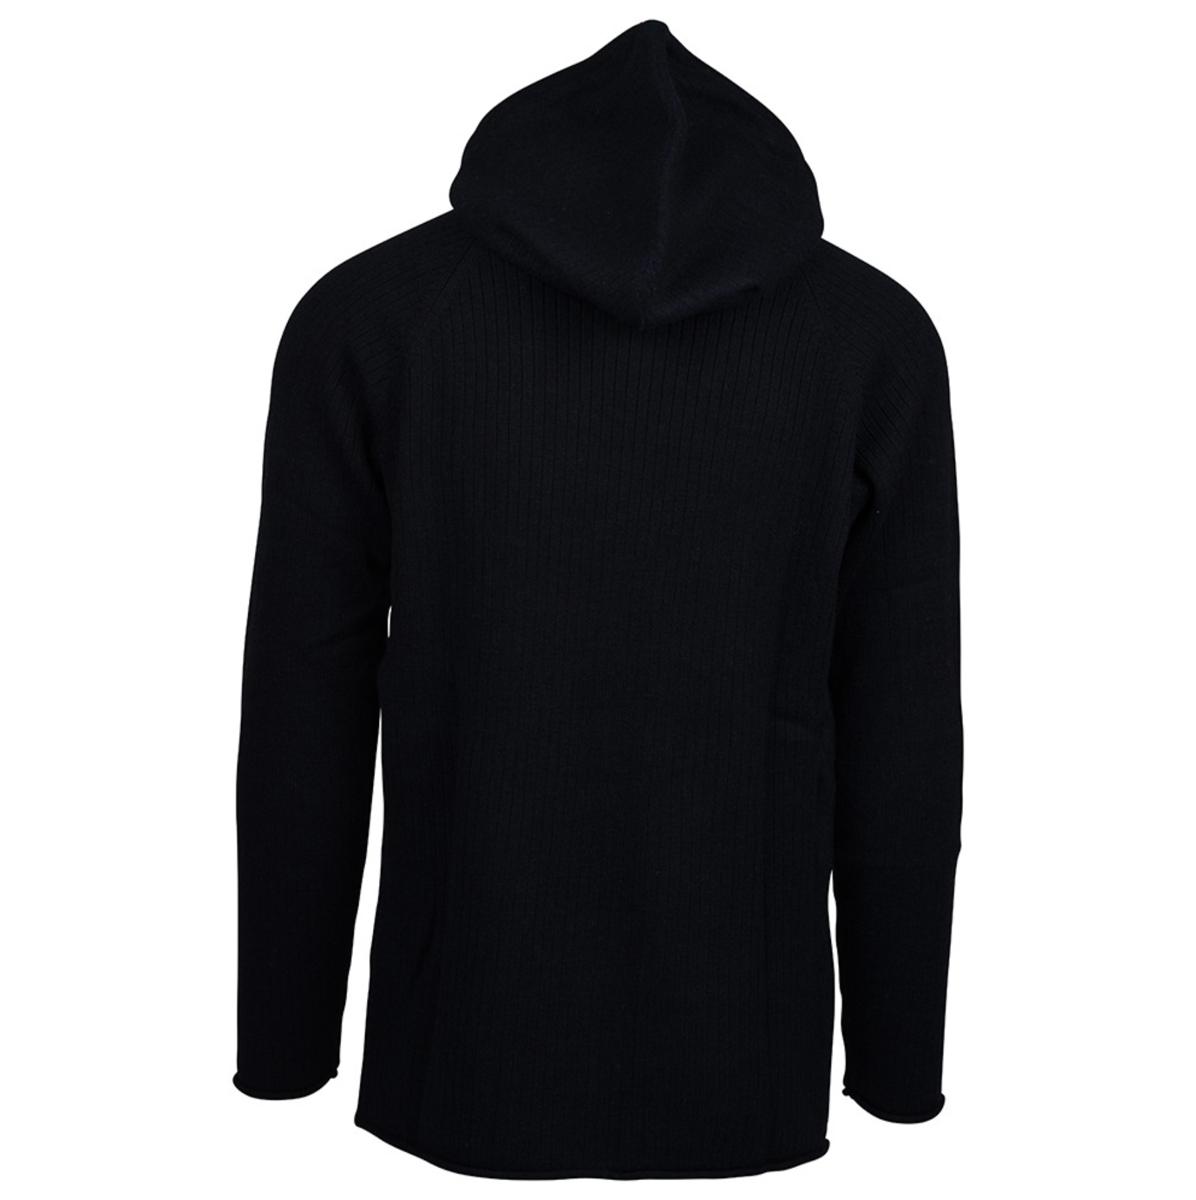 Bilde av Amundsen Boiled hoodie mens MSW14.1.590